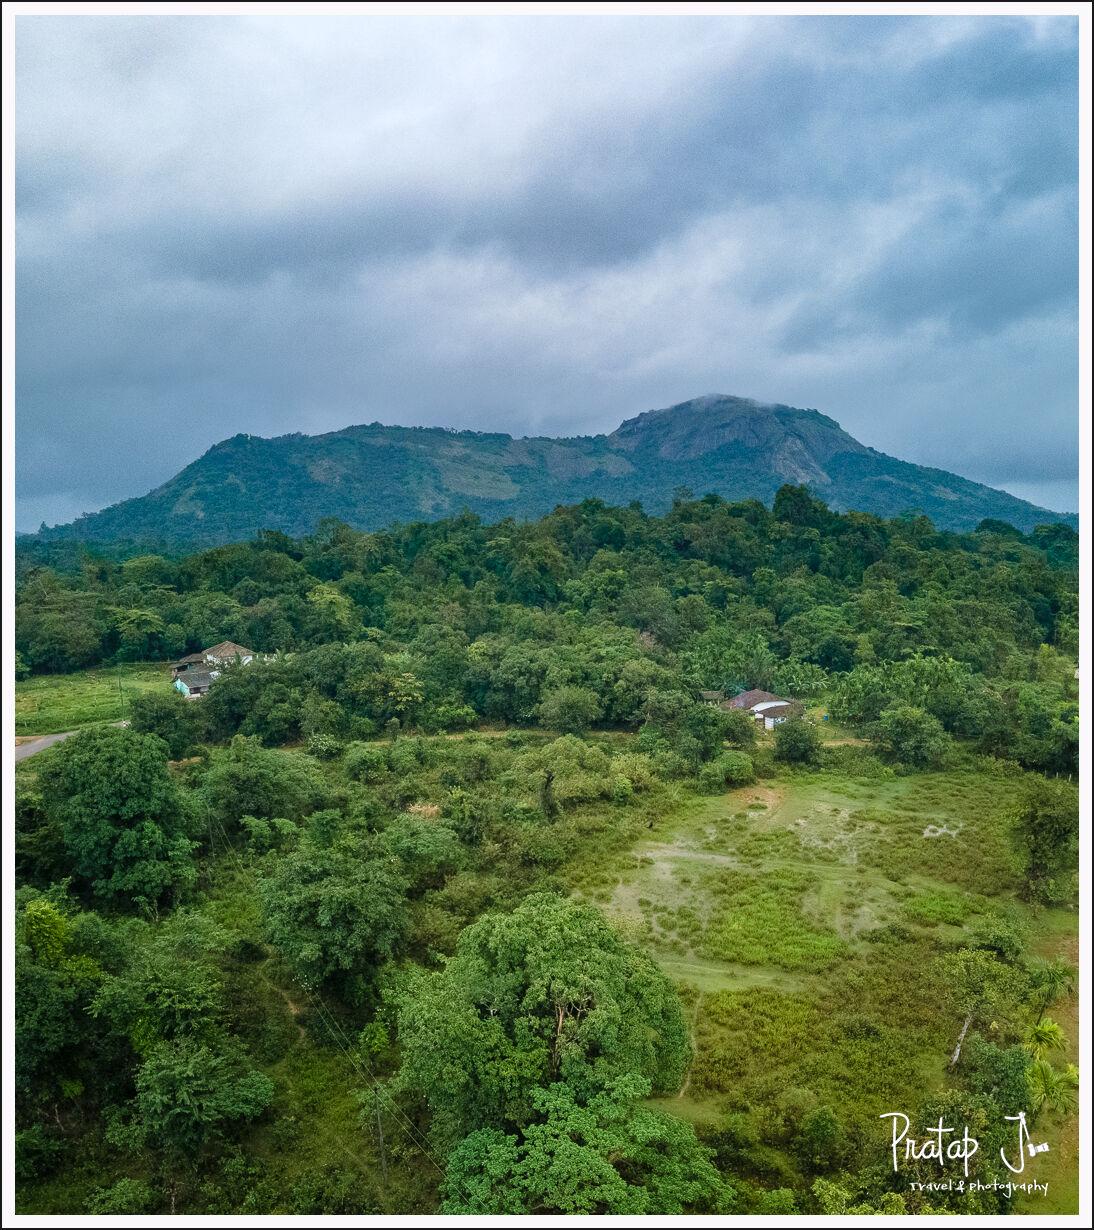 View of Kundadri Hill near Thirthahalli